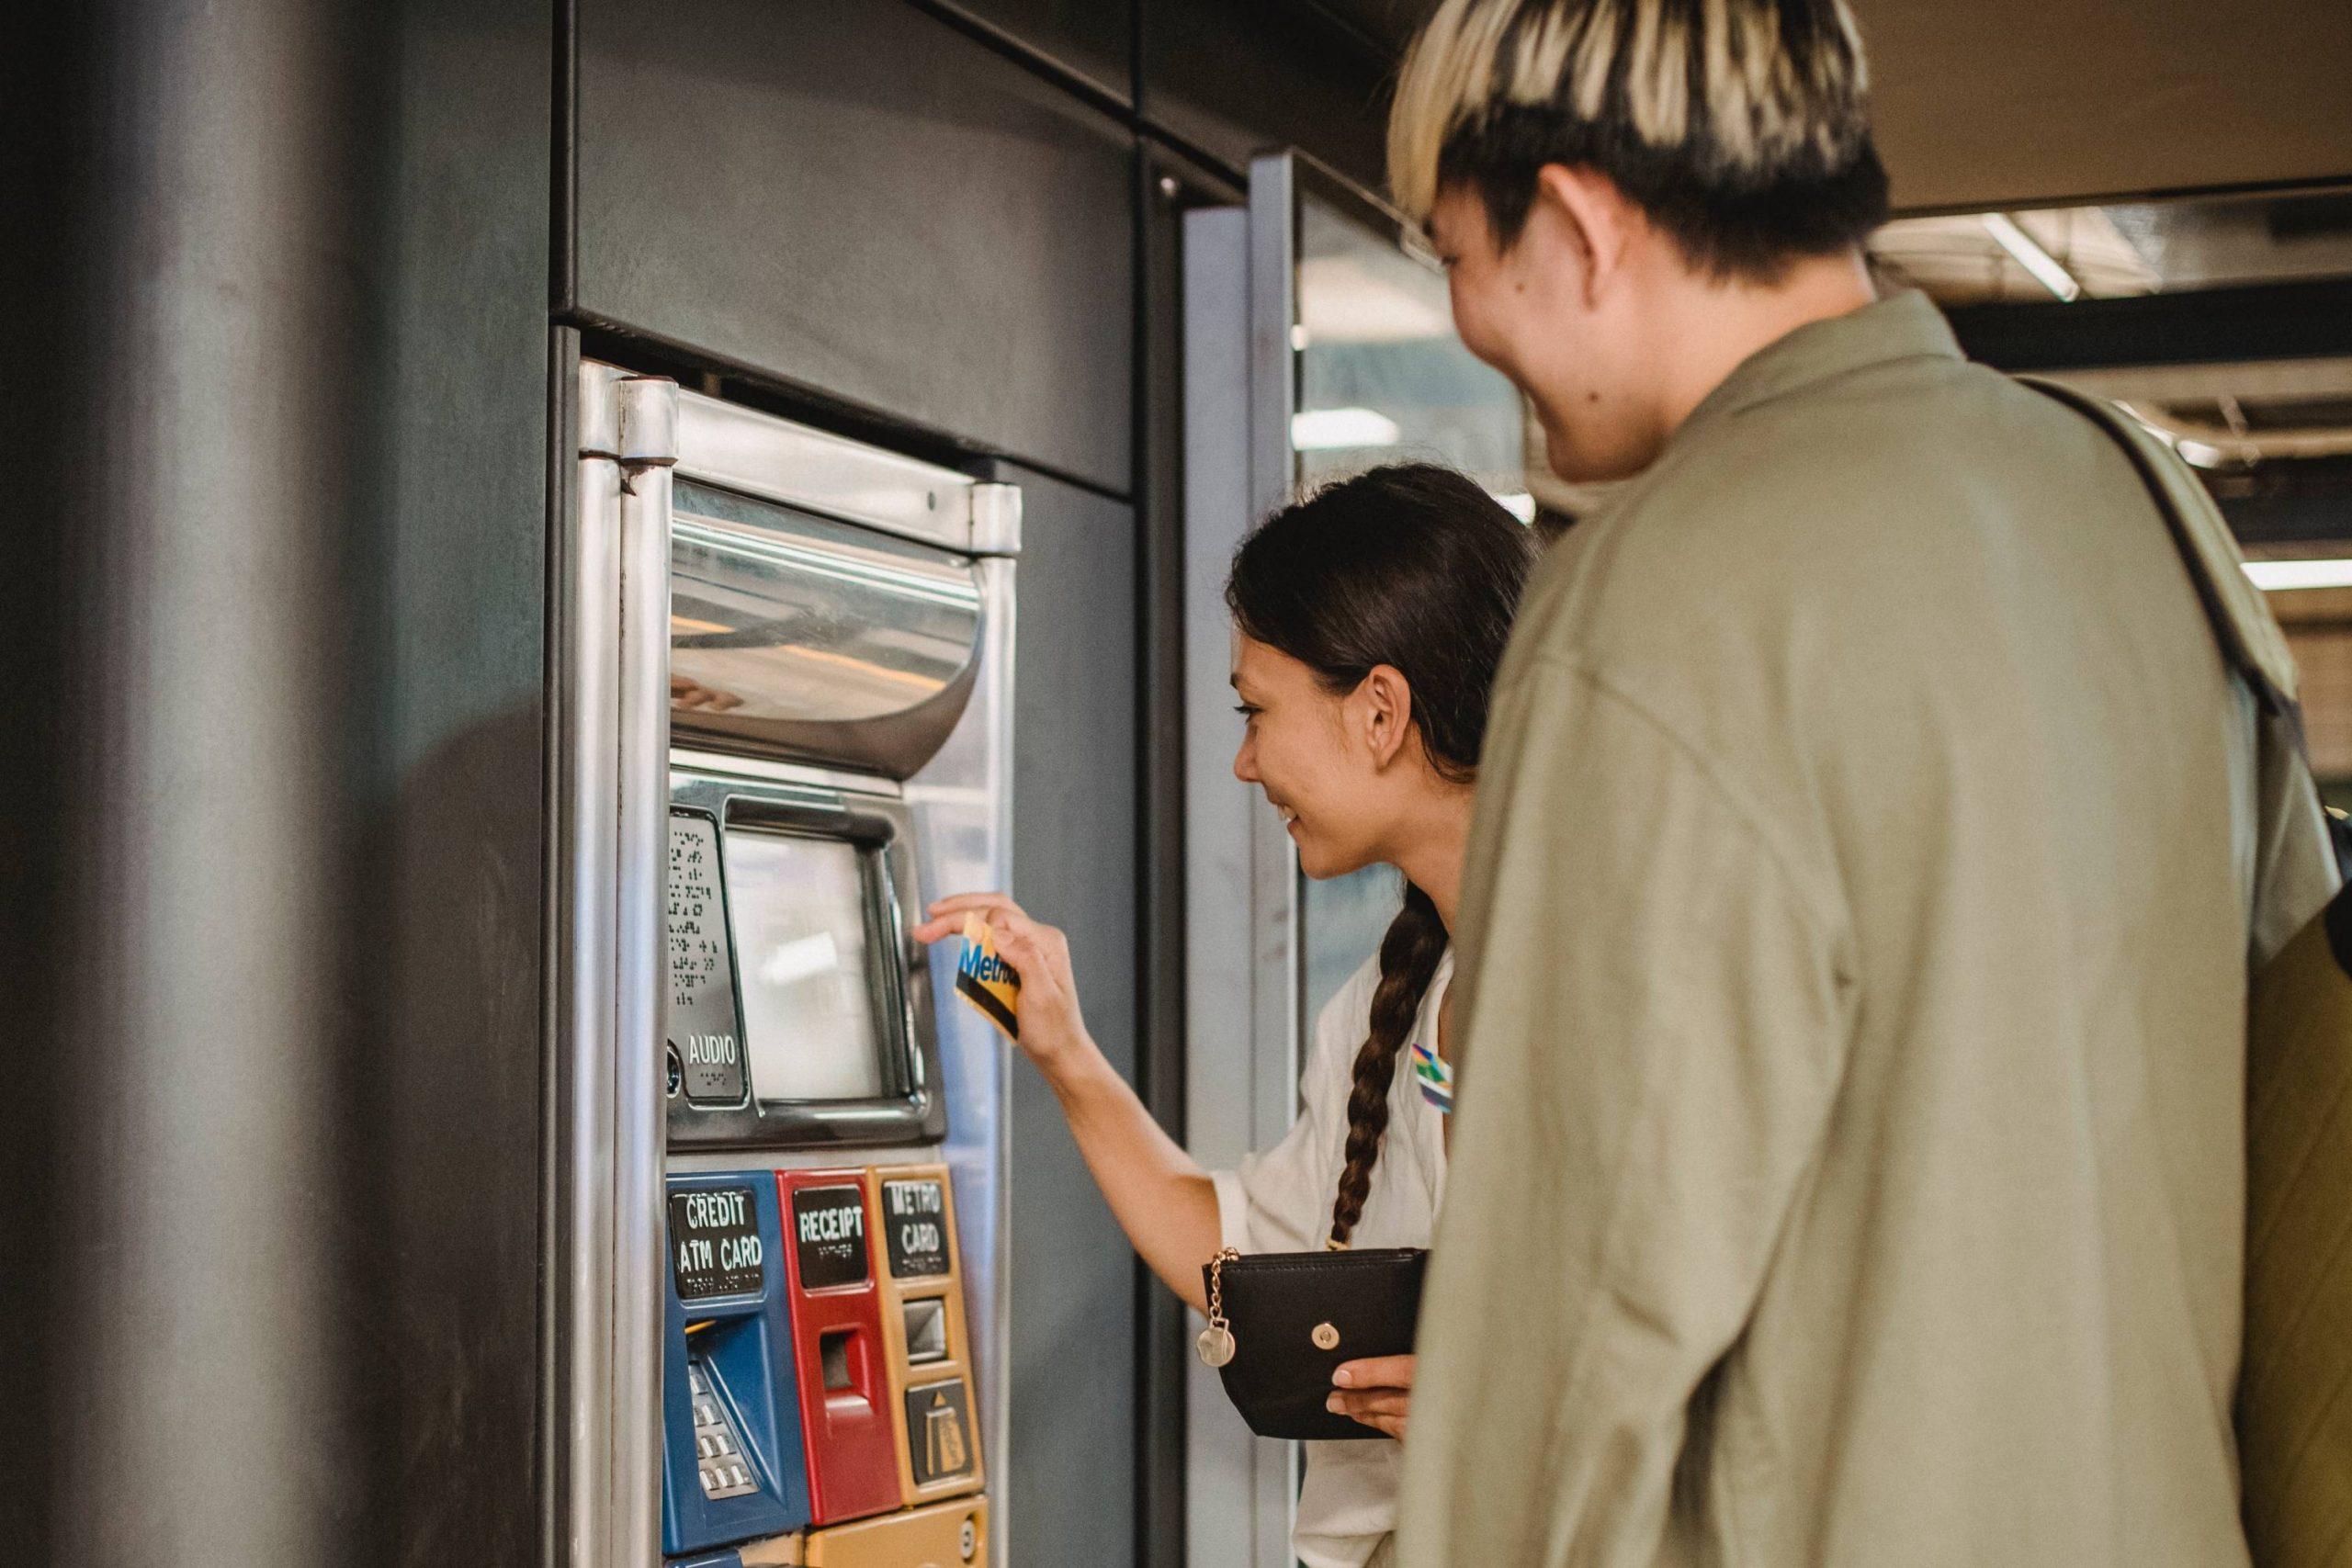 Sind staatliche Digitalwährung die Lösung für eine höhere Akzeptanz?